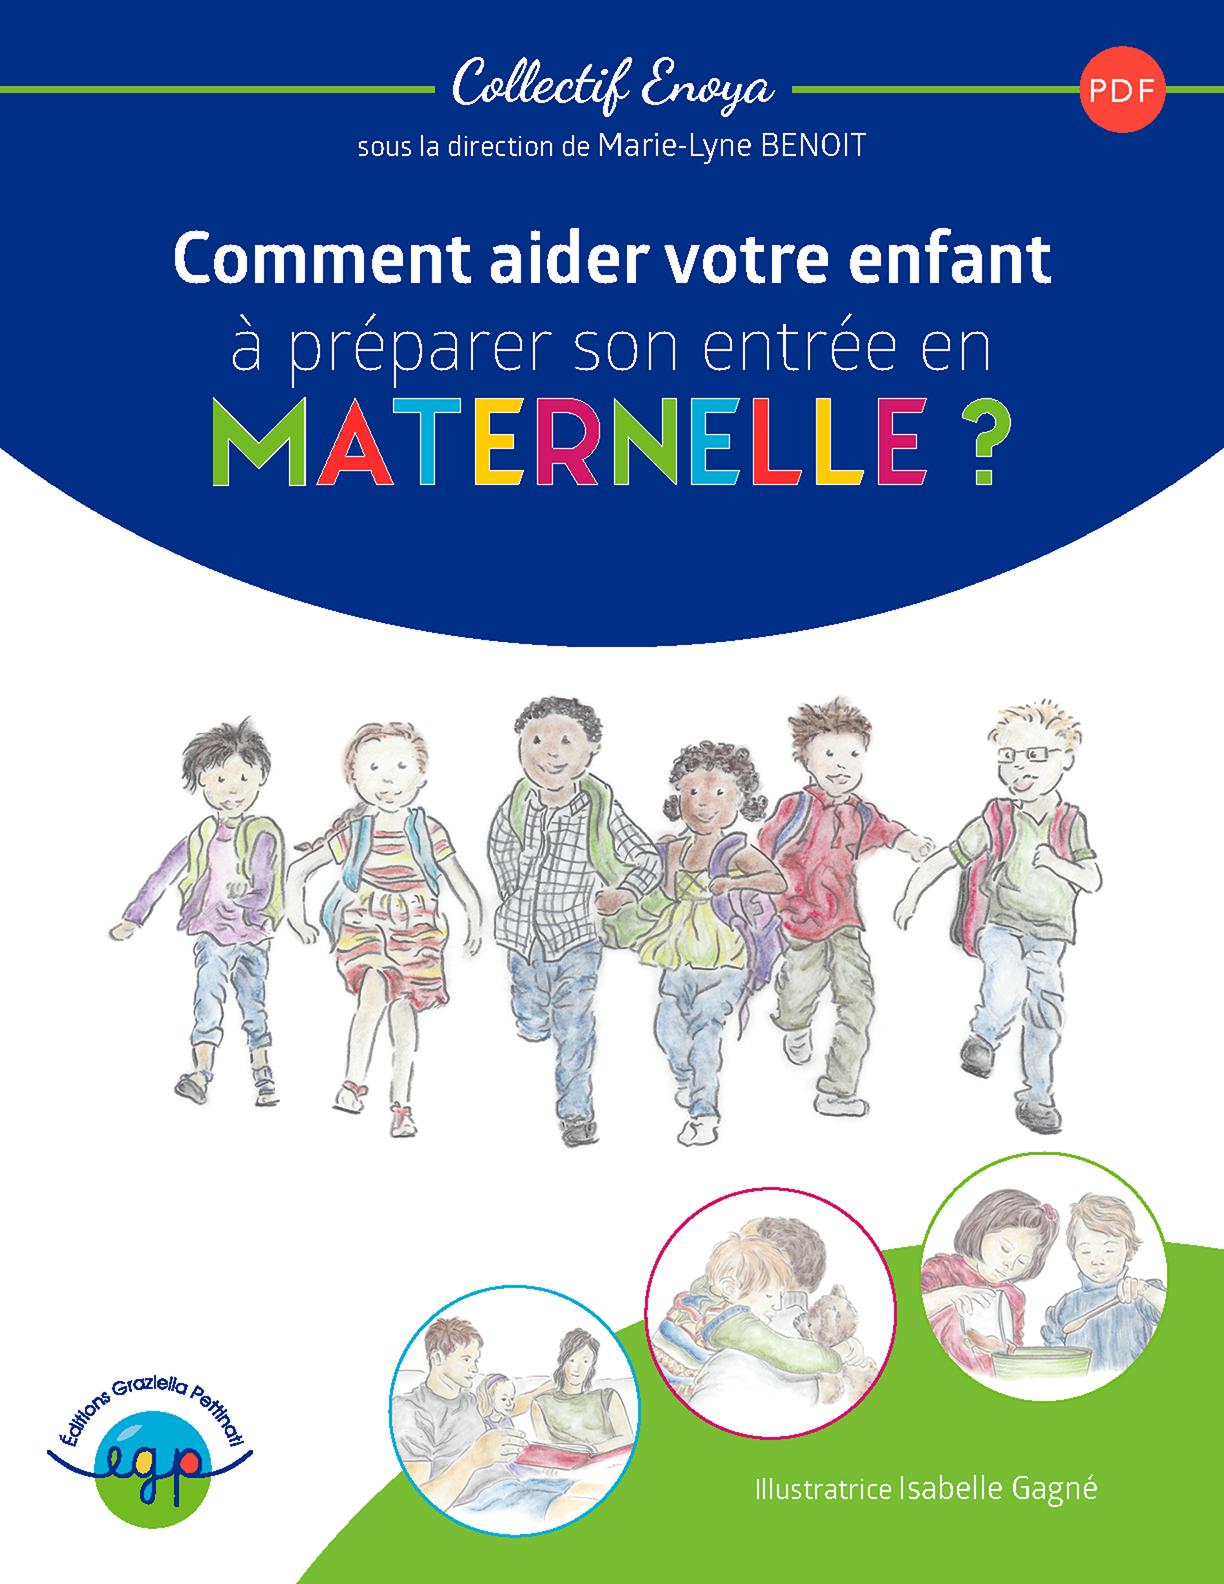 Guide Comment aider votre enfant à préparer son entrée en maternelle ?